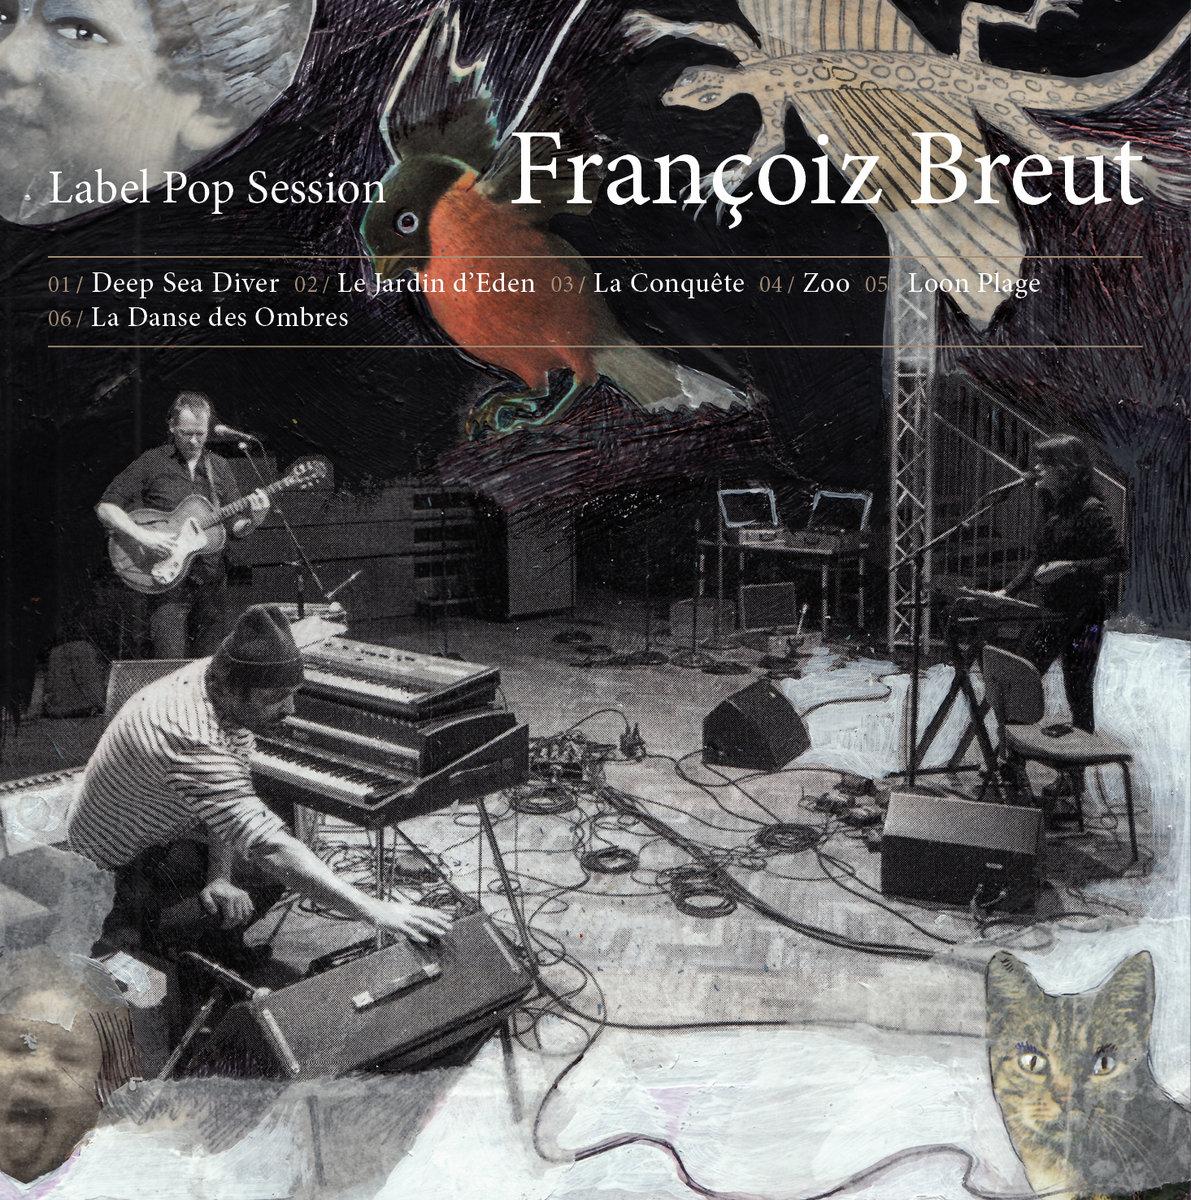 """Résultat de recherche d'images pour """"francoiz breut label pop session"""""""